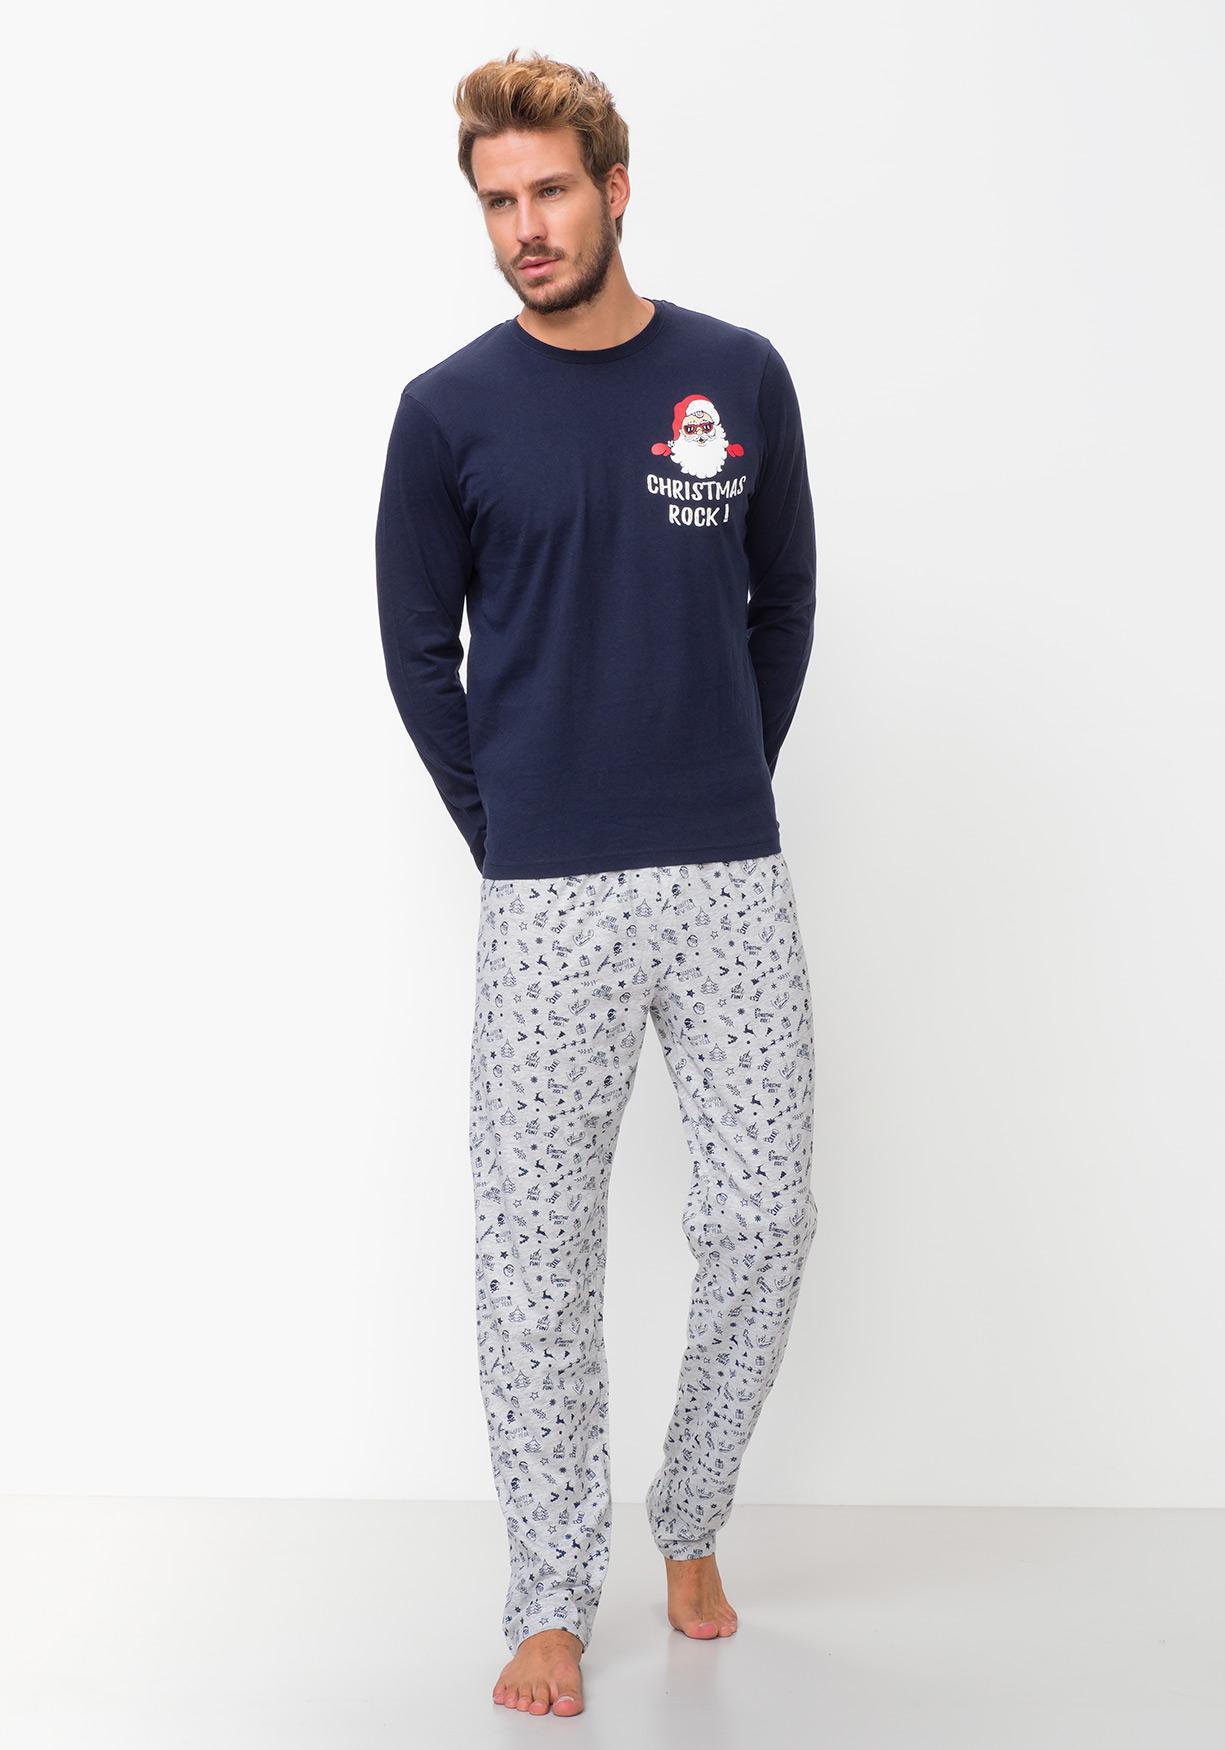 9f7676285 Comprar Pijama de Navidad TEX. ¡Aprovéchate de nuestros precios y ...